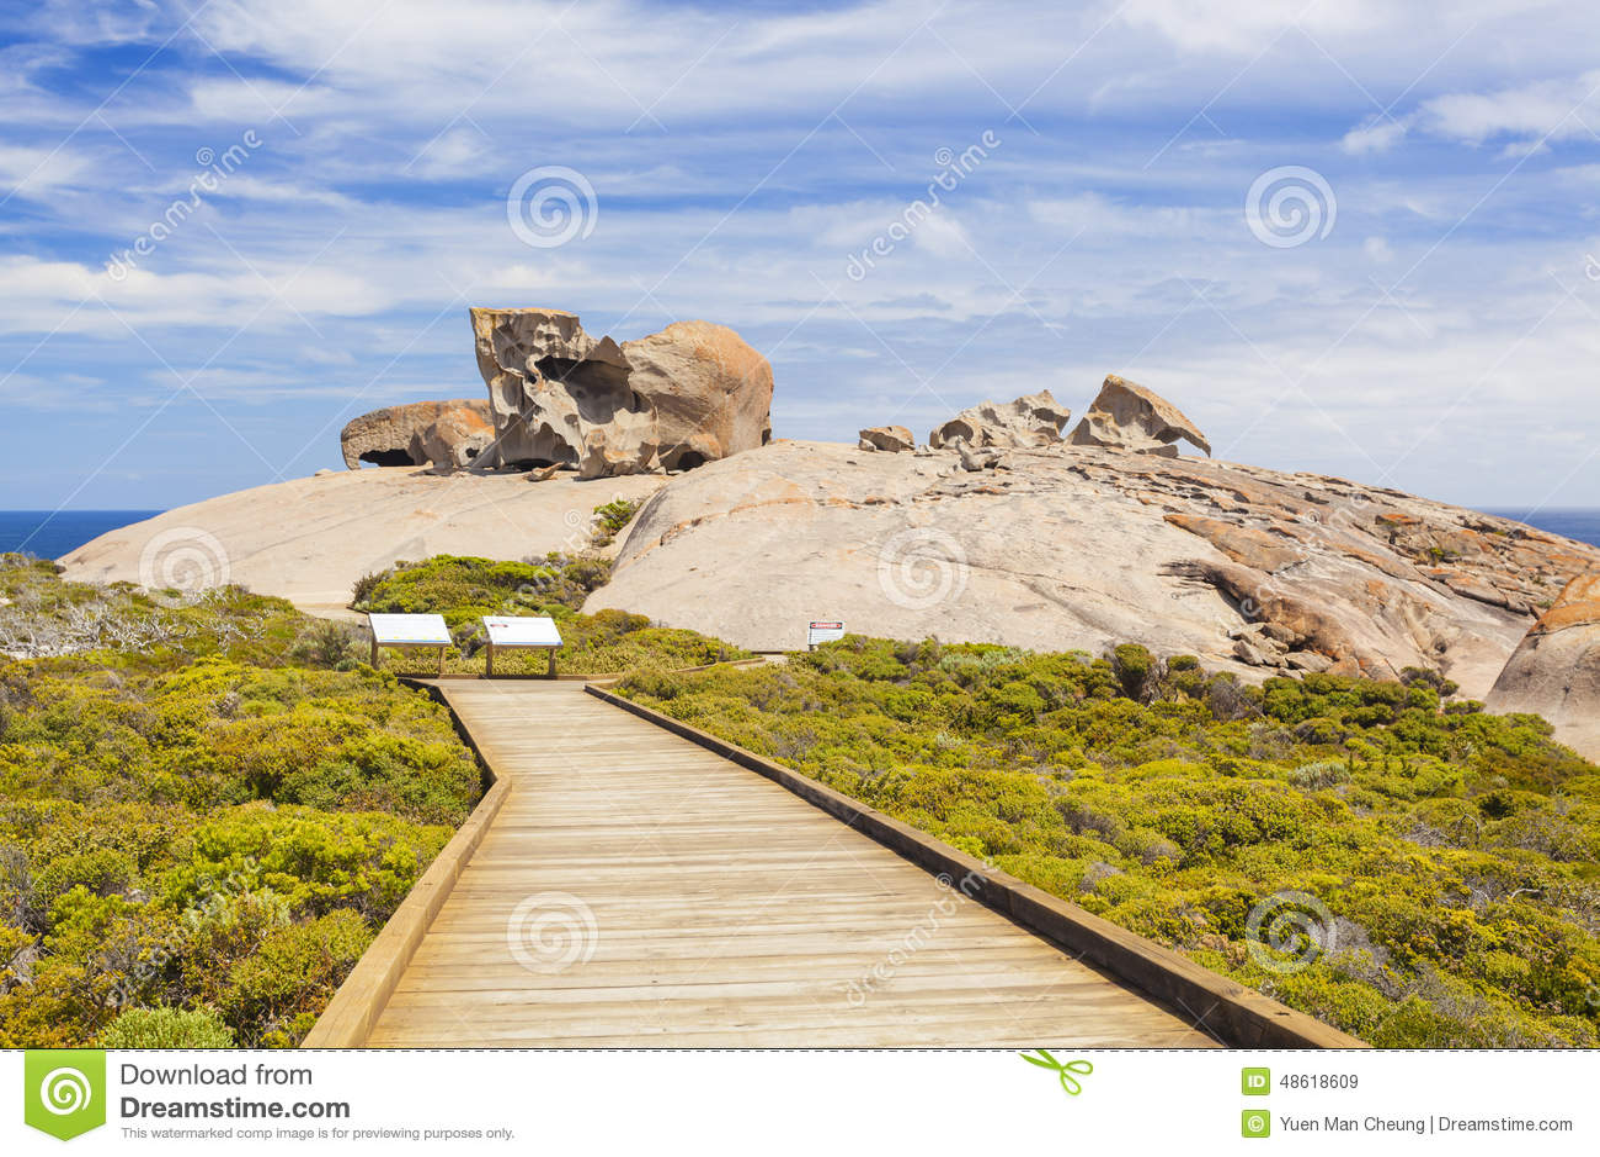 Roches remarquables sur l île de kangourou, Australie du sud